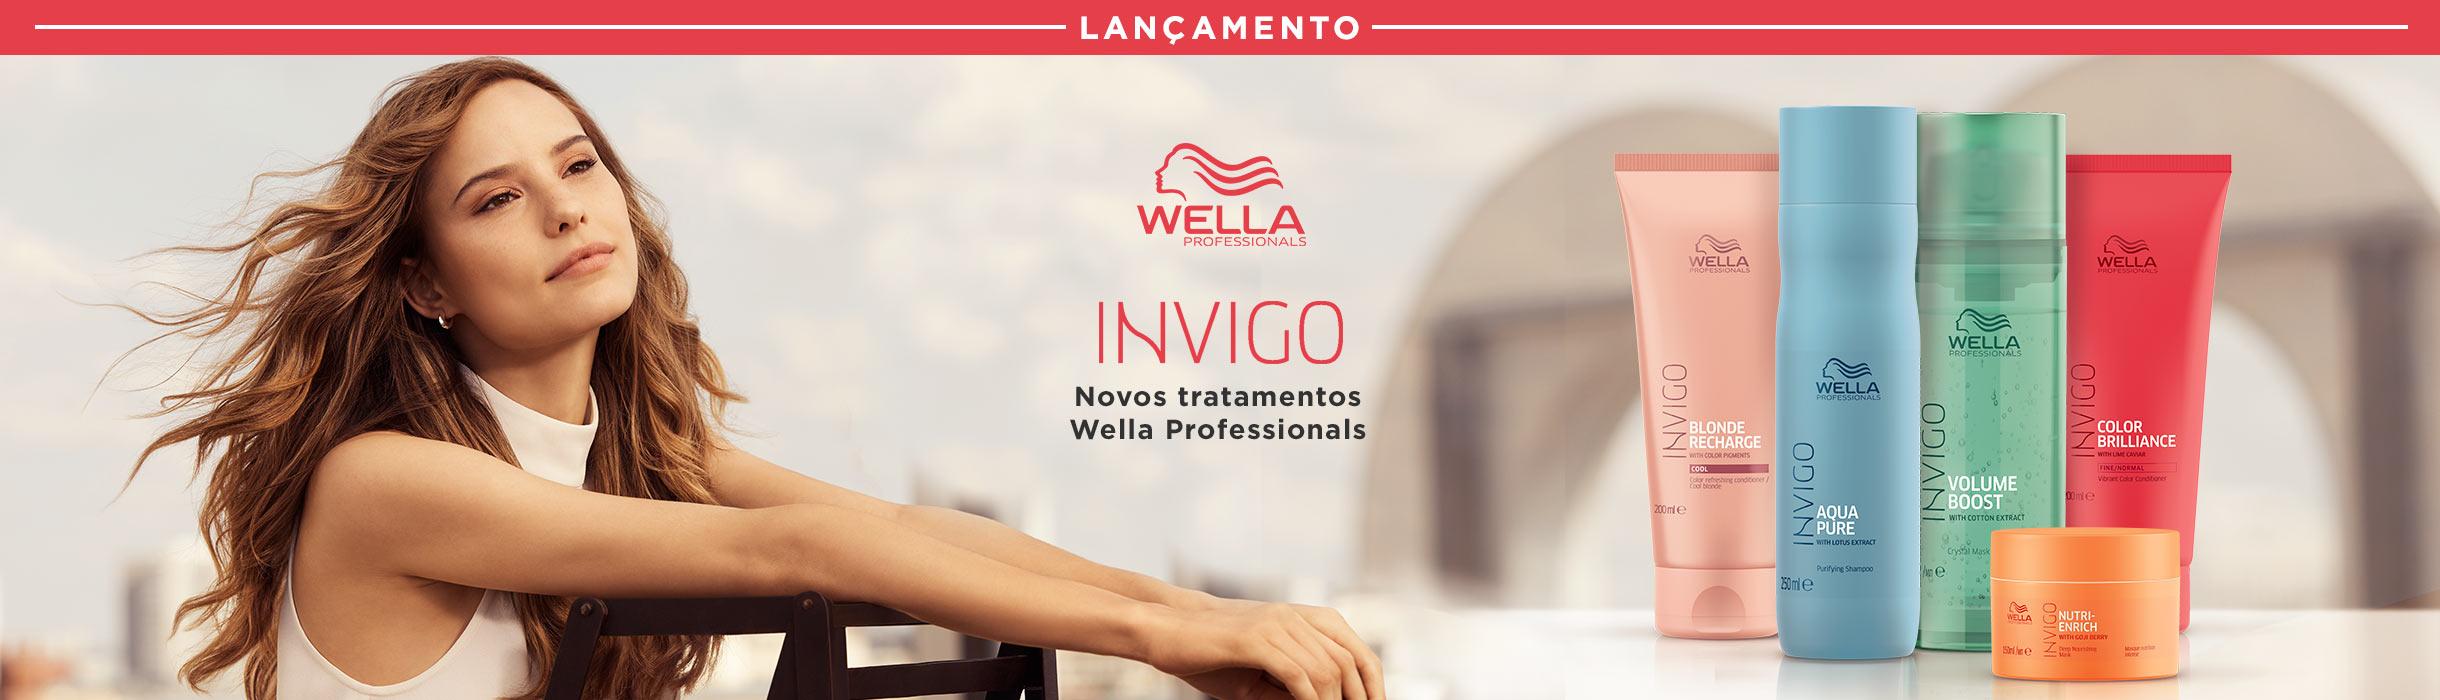 Wella Professionals Invigo